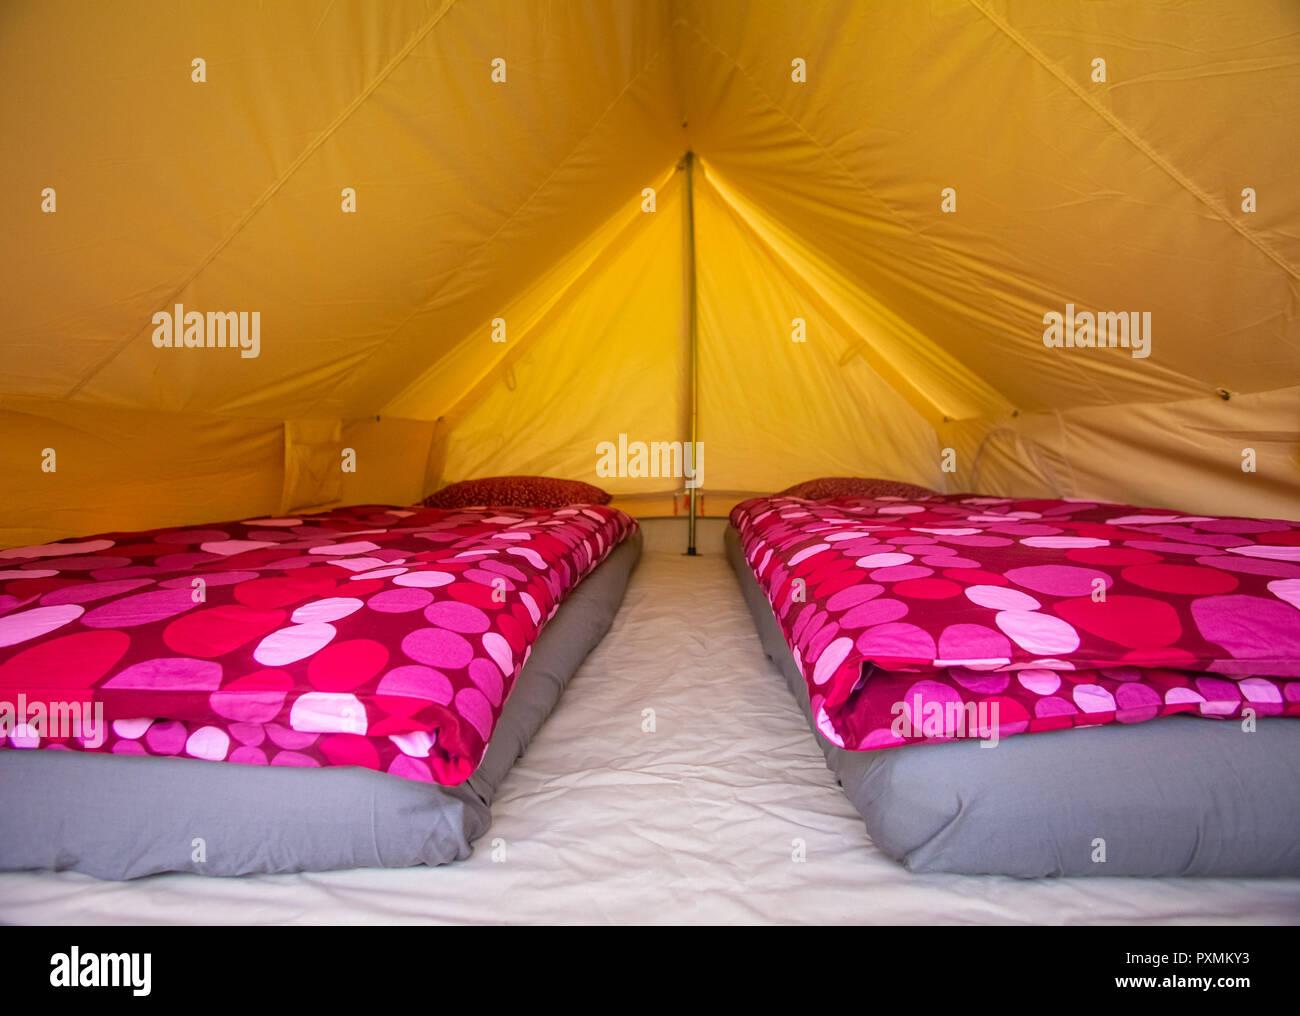 Zelt Interieur Mit Matratzen Und Violetten Bettdecken